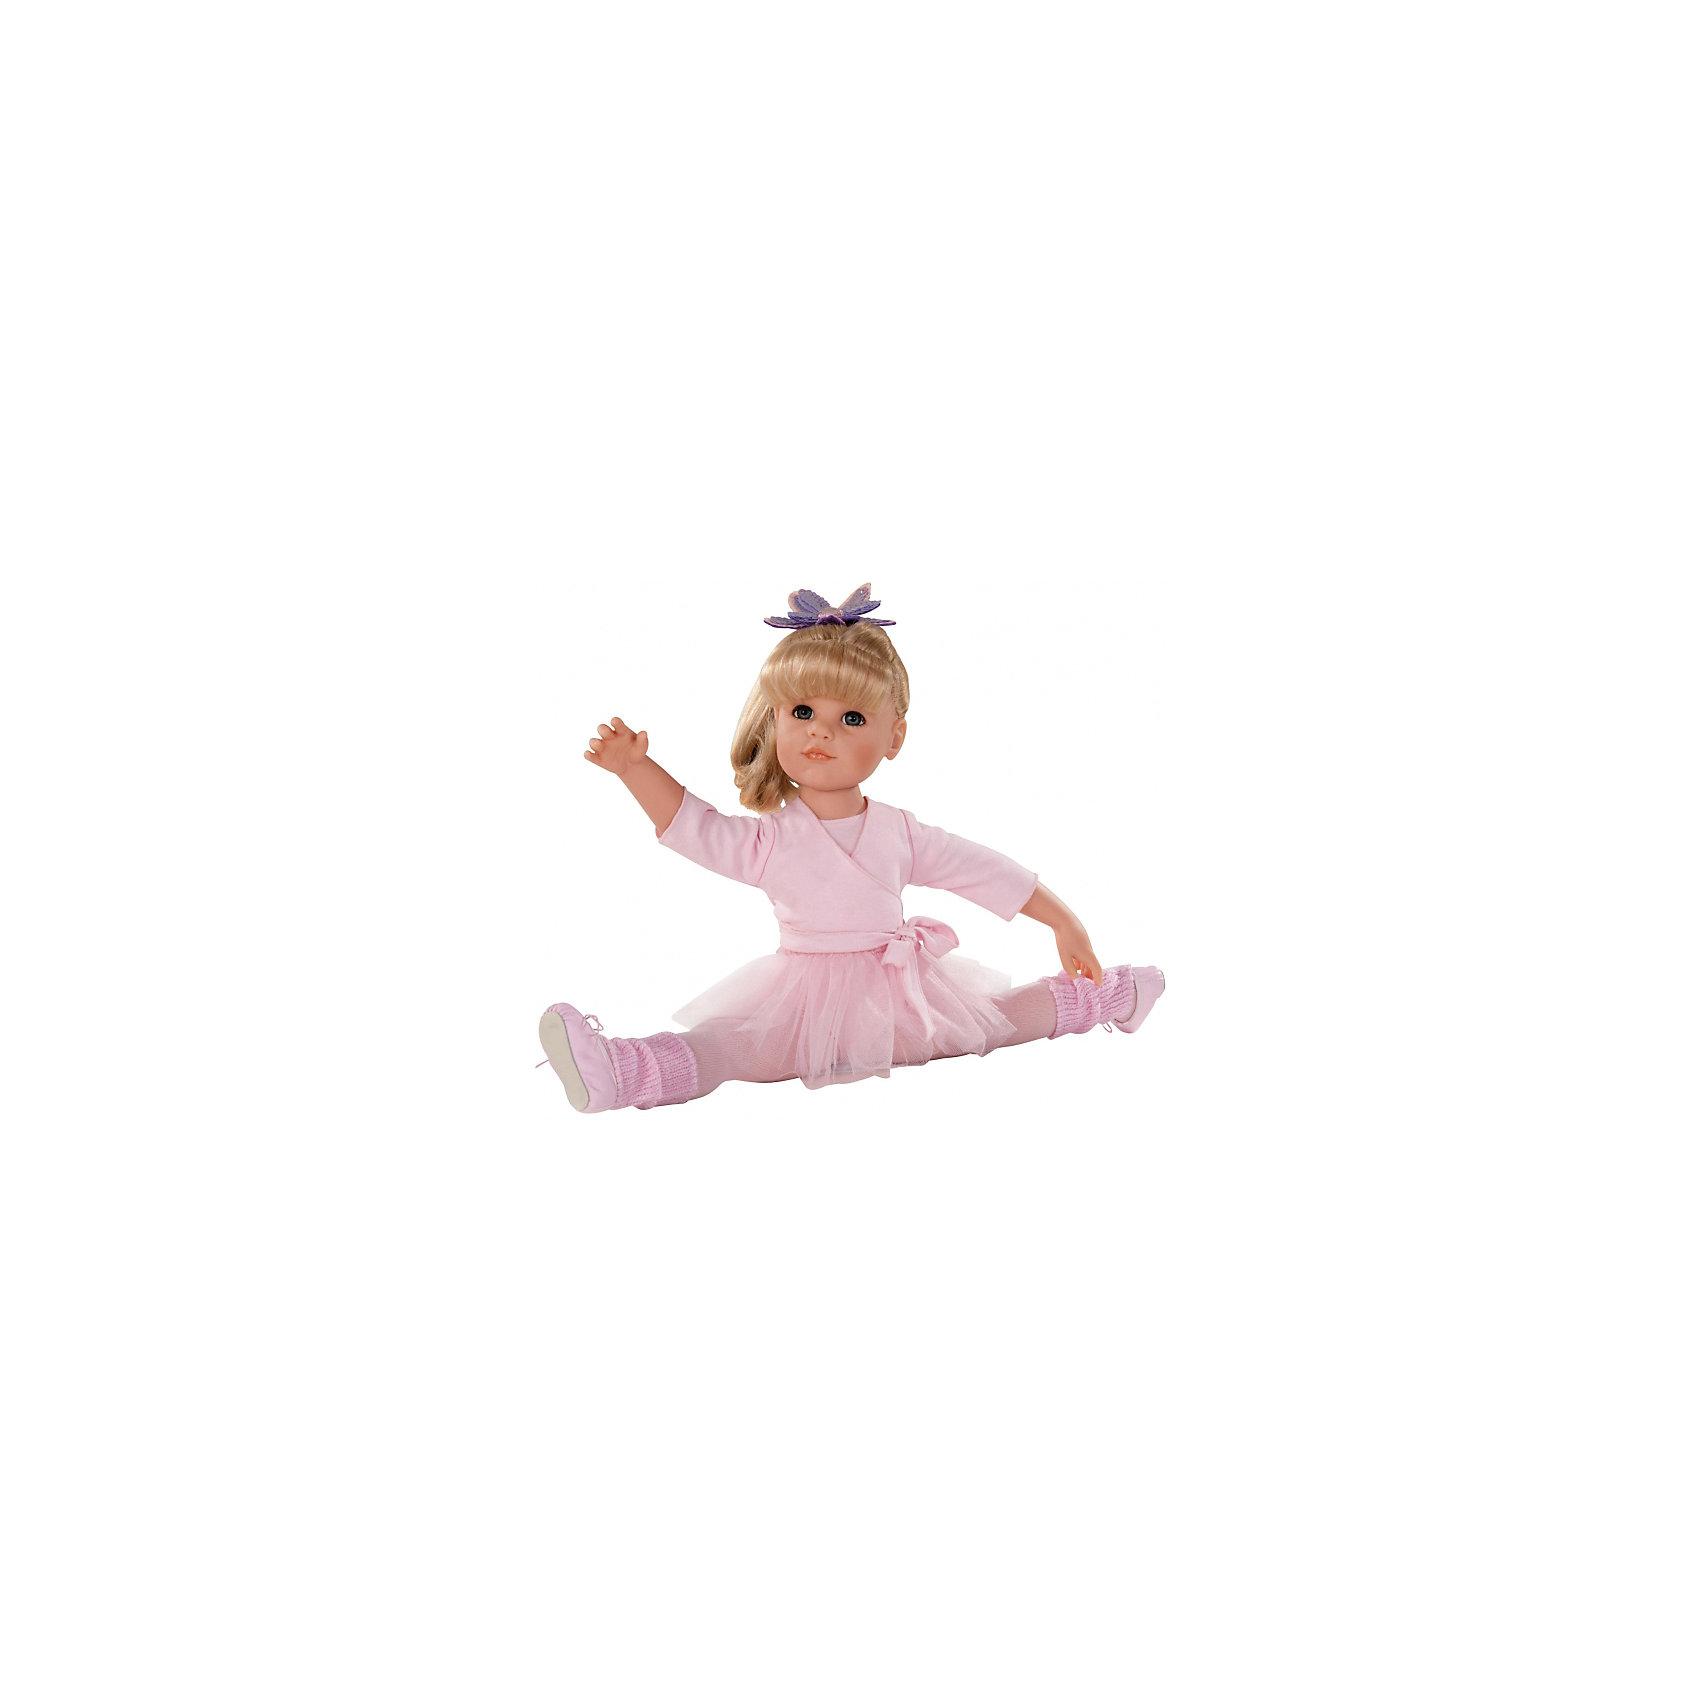 Кукла Ханна Балерина, 50см, блондинка, G?tzОчаровательная кукла Ханна-балерина станет замечательным подарком для девочки. С красивой куклой, которая так похожа на настоящую девочку, можно проводить много времени вместе, придумывая увлекательные сюжеты для игр. Кукла Gotz с виниловым подвижным телом подходит для активных игр дома и на улице. Куклу можно переодевать и делать различные прически. Ханна одета в прекрасный воздушный розовый наряд, как настоящая ученица балетной школы. На ней прелестный кардиган с завязками, колготки, гетры, и, конечно же, балетные туфли и юбочка! На голове у нее любимая заколка в виде цветка. А чтобы куколка смогла переодеться после тренировки, у нее с собой есть сменный комплект летней одежды! В комплекте: кукла Ханна в одежде и обуви, сменный комплект летней одежды, инструкция. Куклу можно мыть, для поддержания одежды в опрятном виде рекомендуется щадящая машинная стирка при температуре 30 градусов.<br><br>Ширина мм: 527<br>Глубина мм: 384<br>Высота мм: 140<br>Вес г: 1200<br>Возраст от месяцев: 36<br>Возраст до месяцев: 144<br>Пол: Женский<br>Возраст: Детский<br>SKU: 4813059